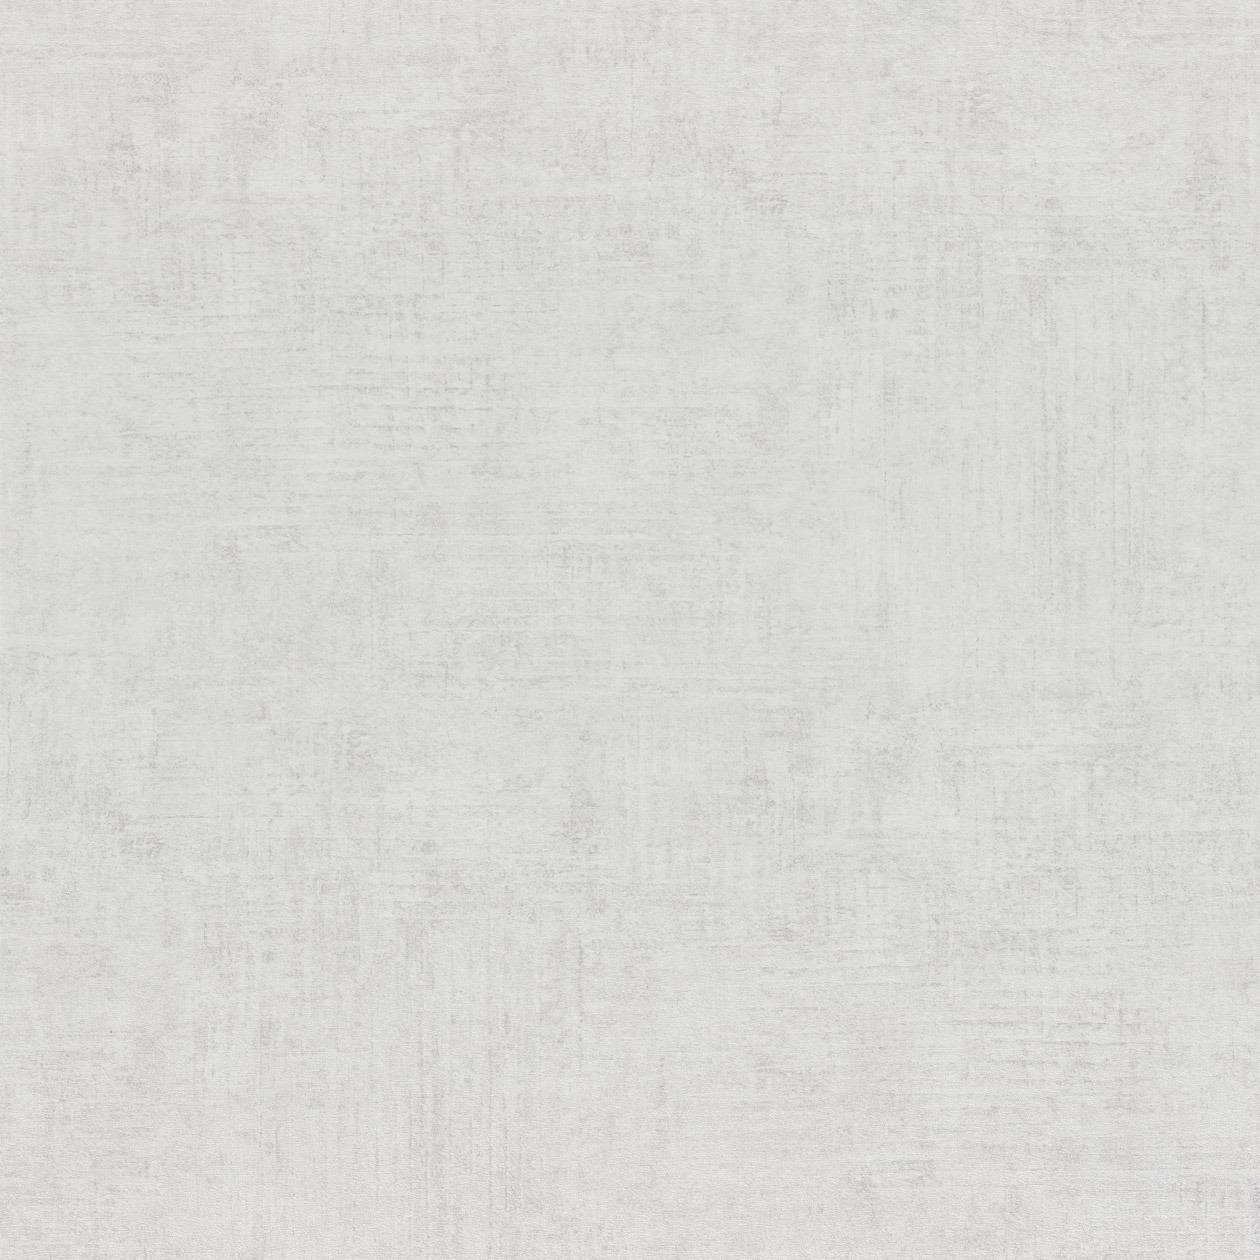 Французские обои Caselio,  коллекция Arty, артикулARY67039009